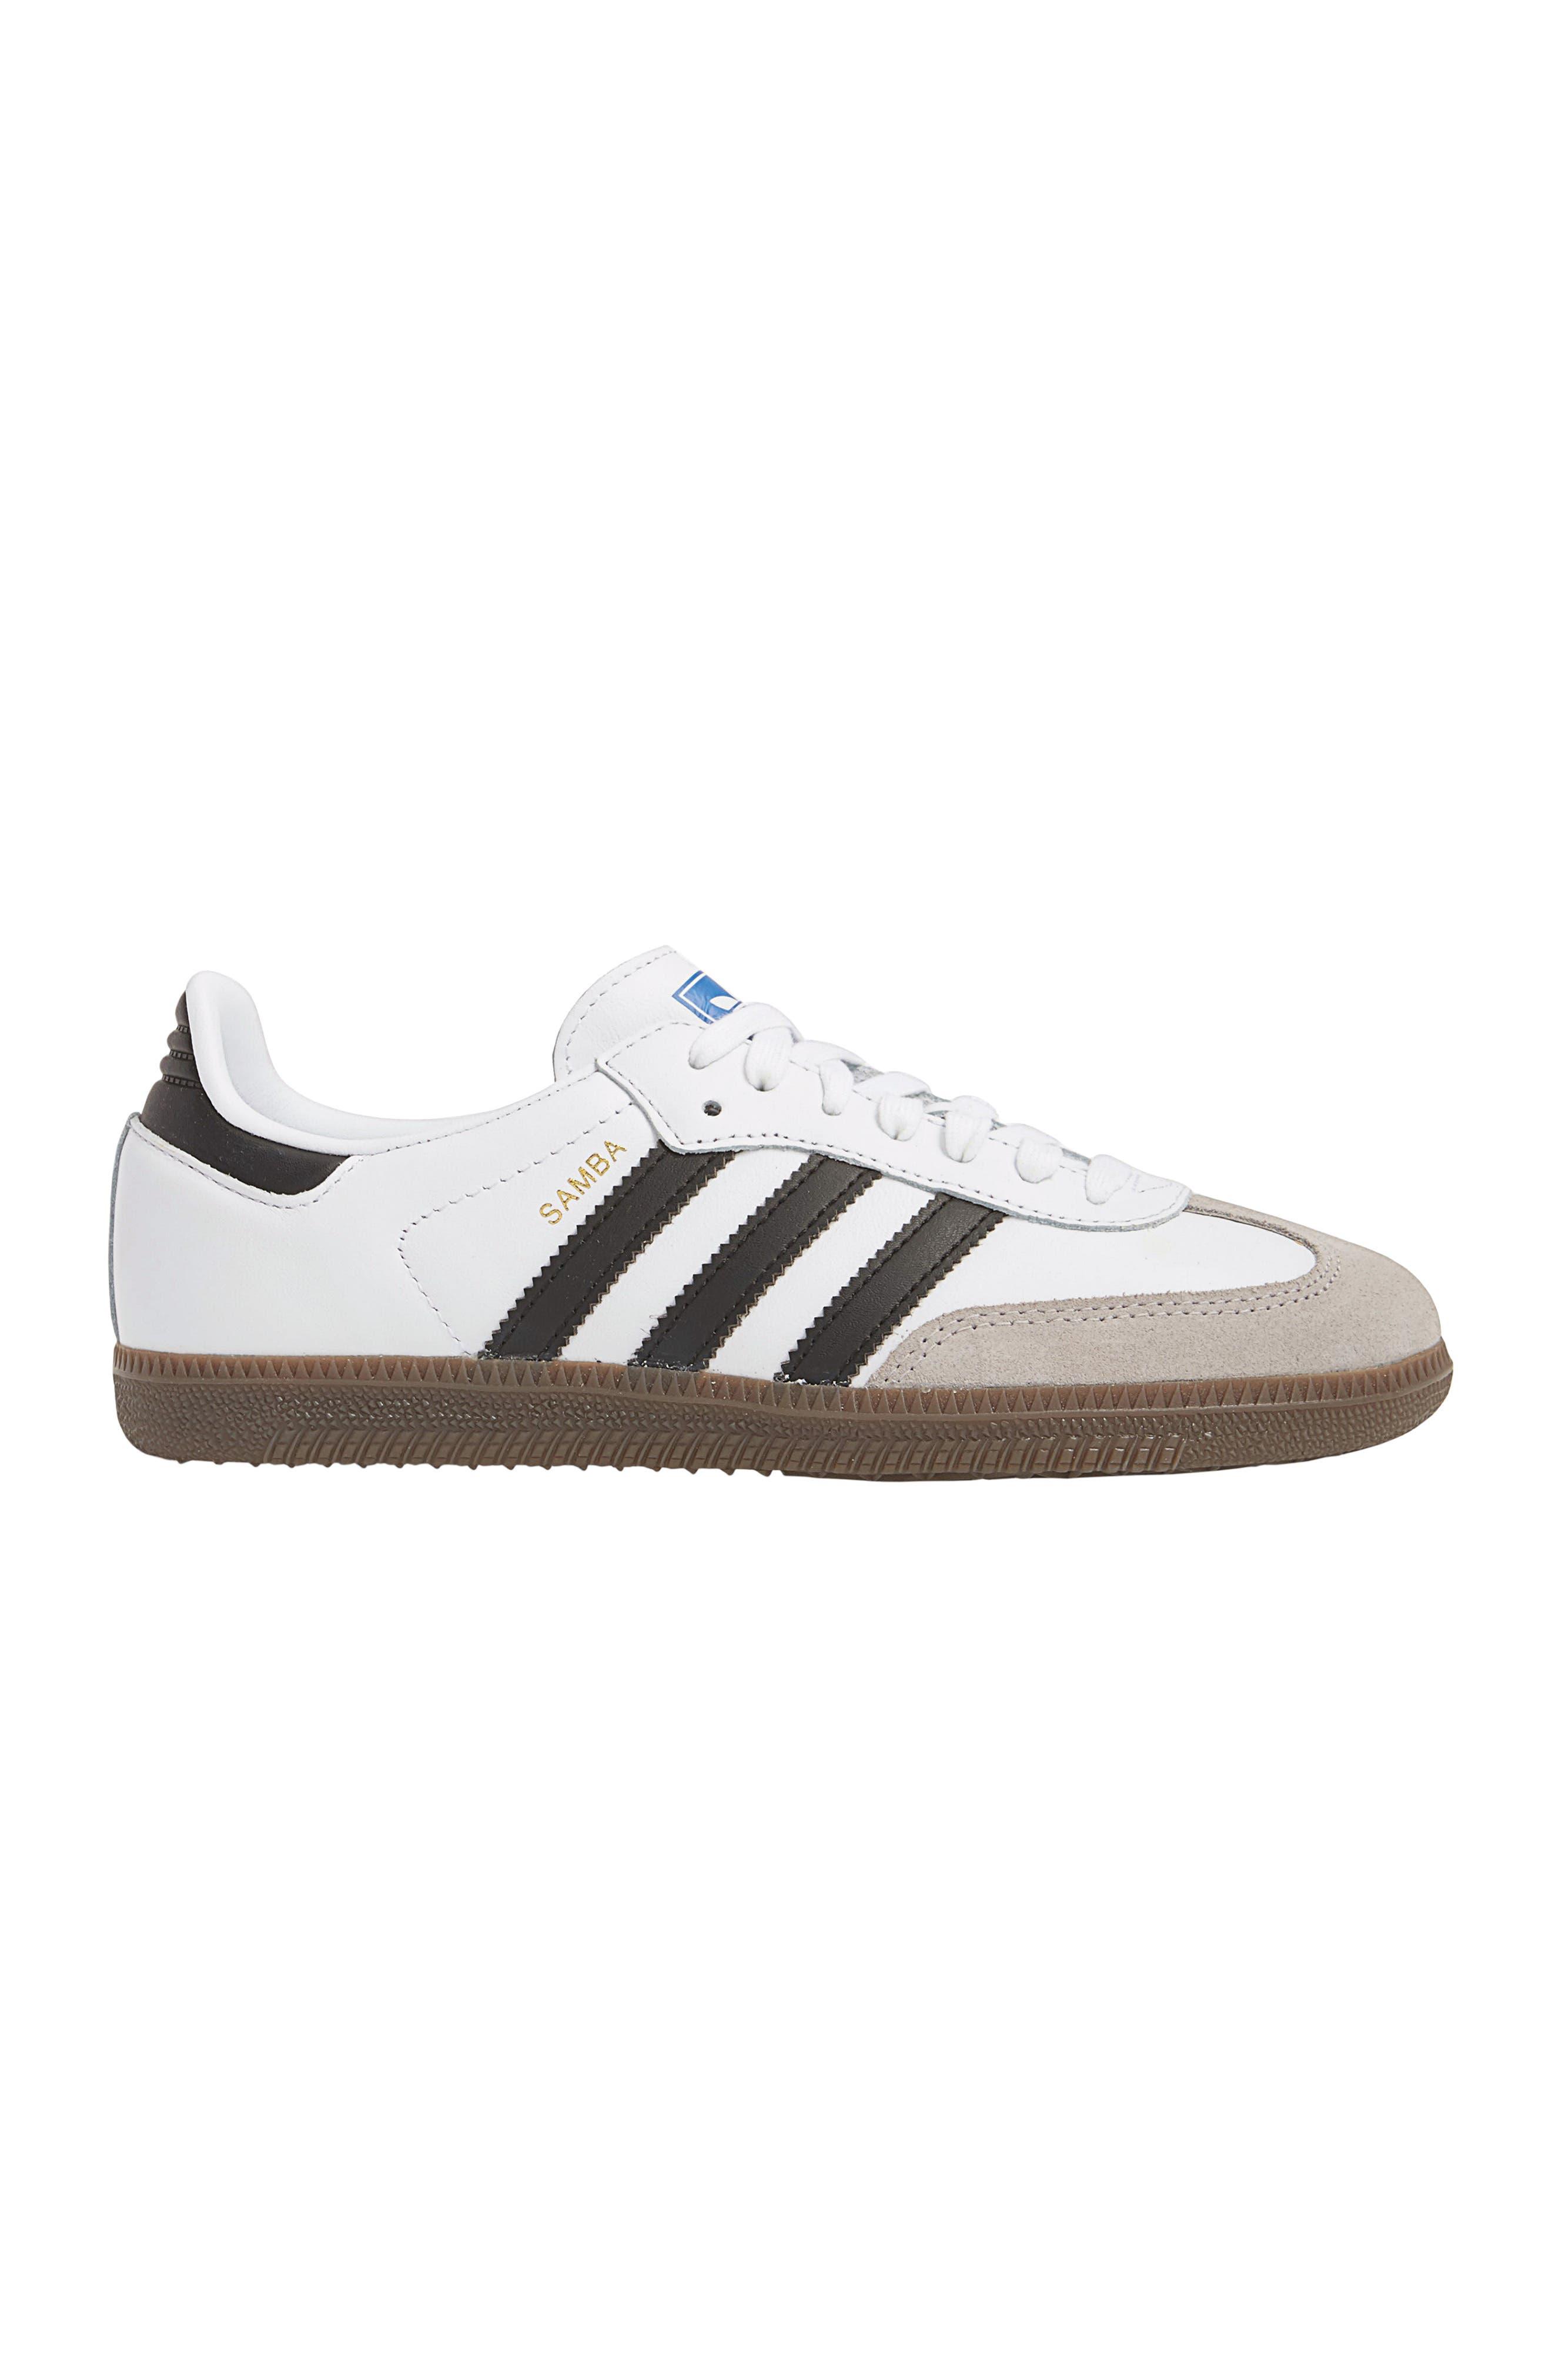 premium selection c386d 2ab46 ADIDAS ORIGINALS. Samba Original Leather Suede Sneakers, White Black Granite  ...